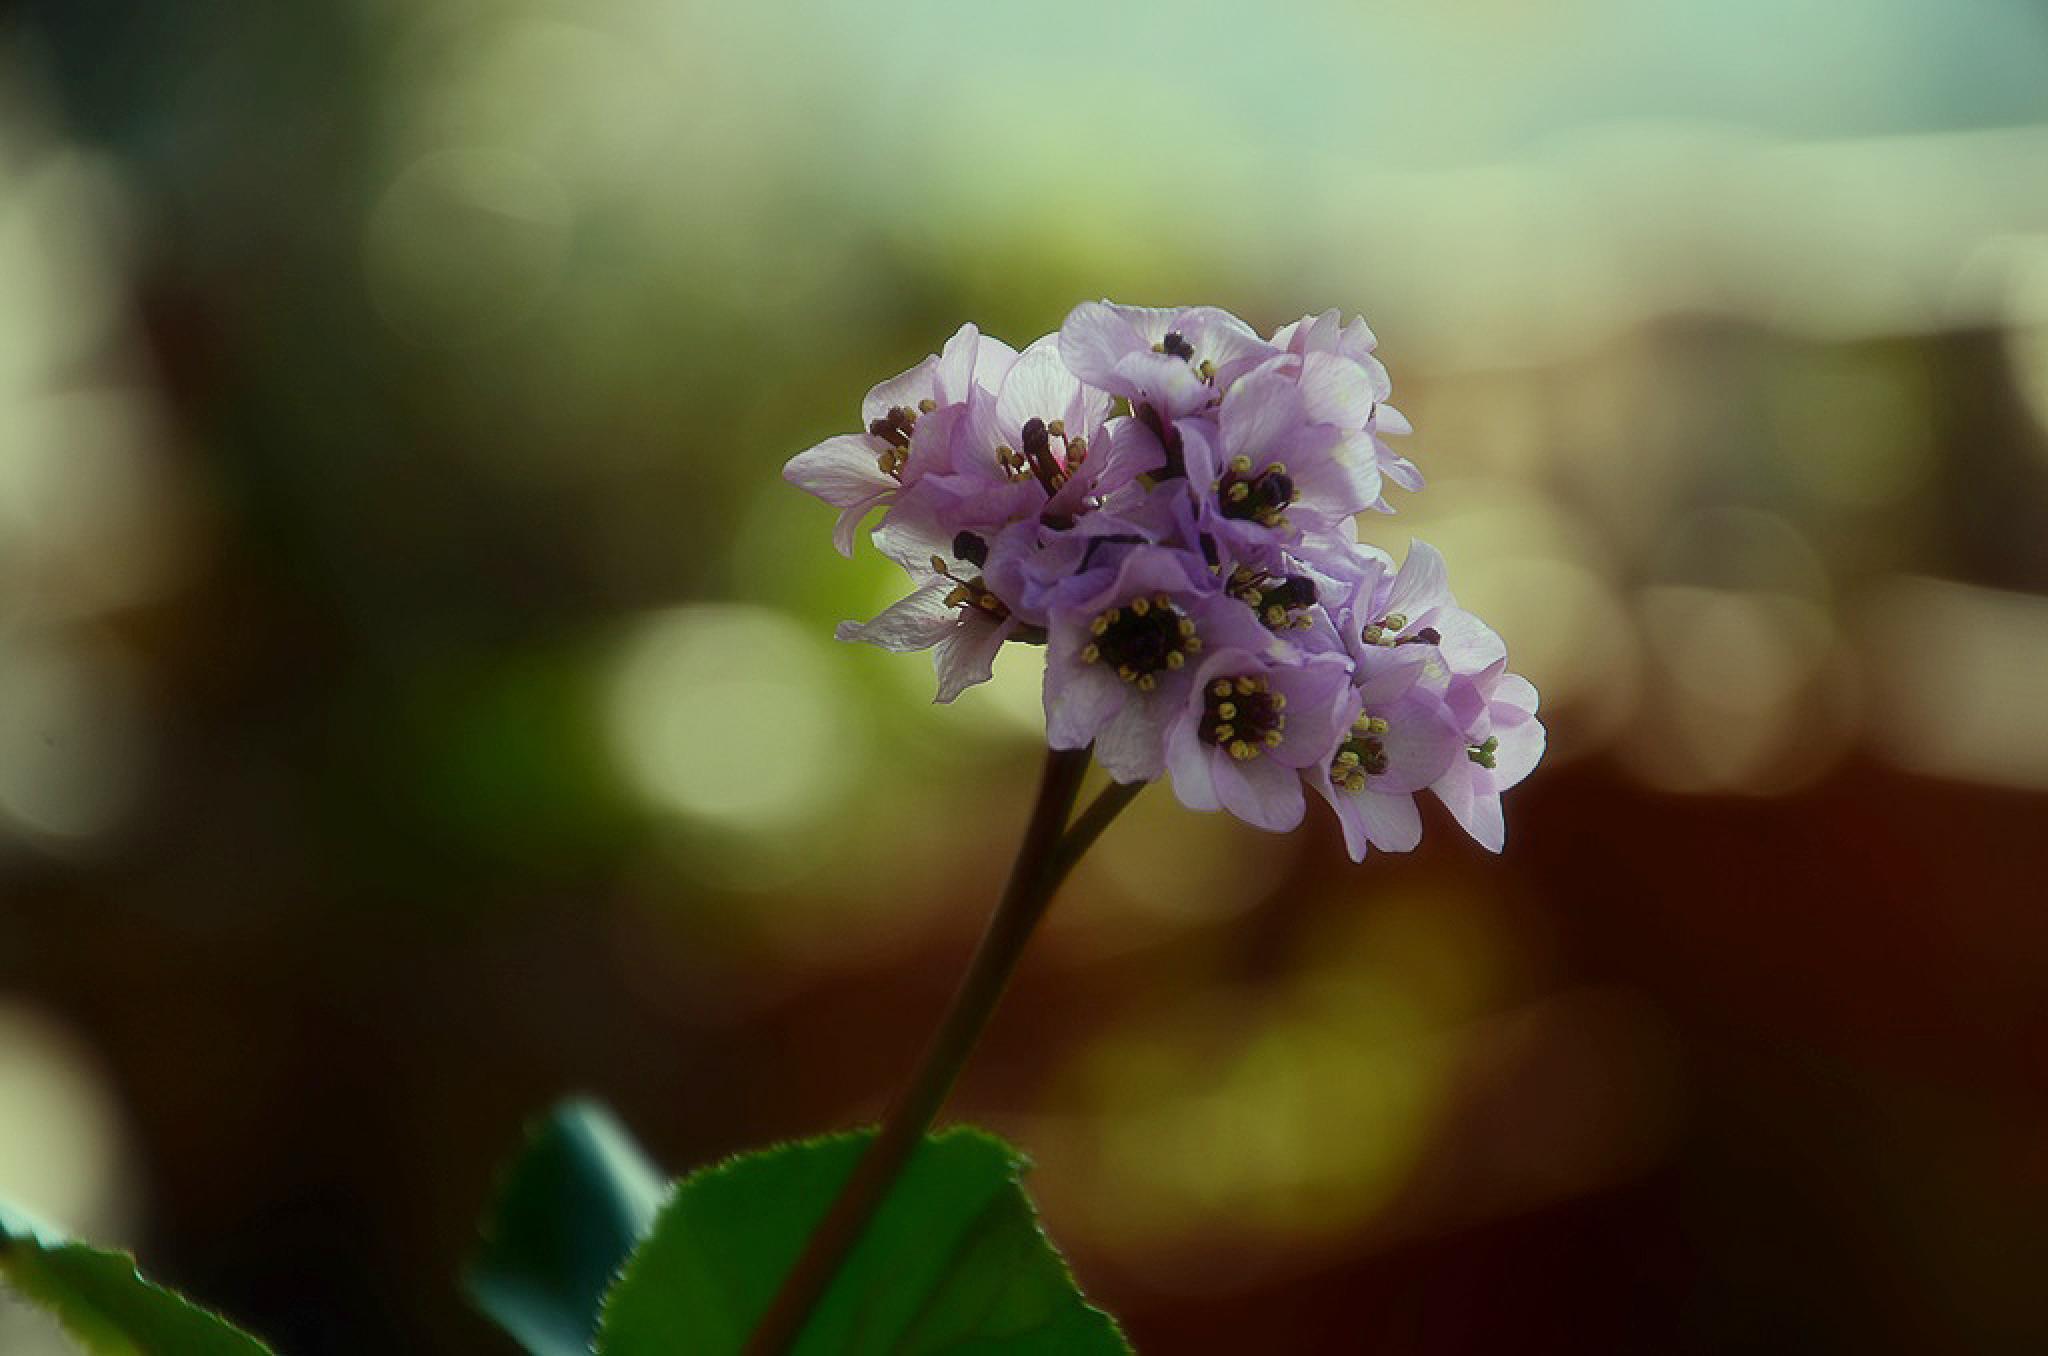 Purple Flowers by Filiz Bariskan